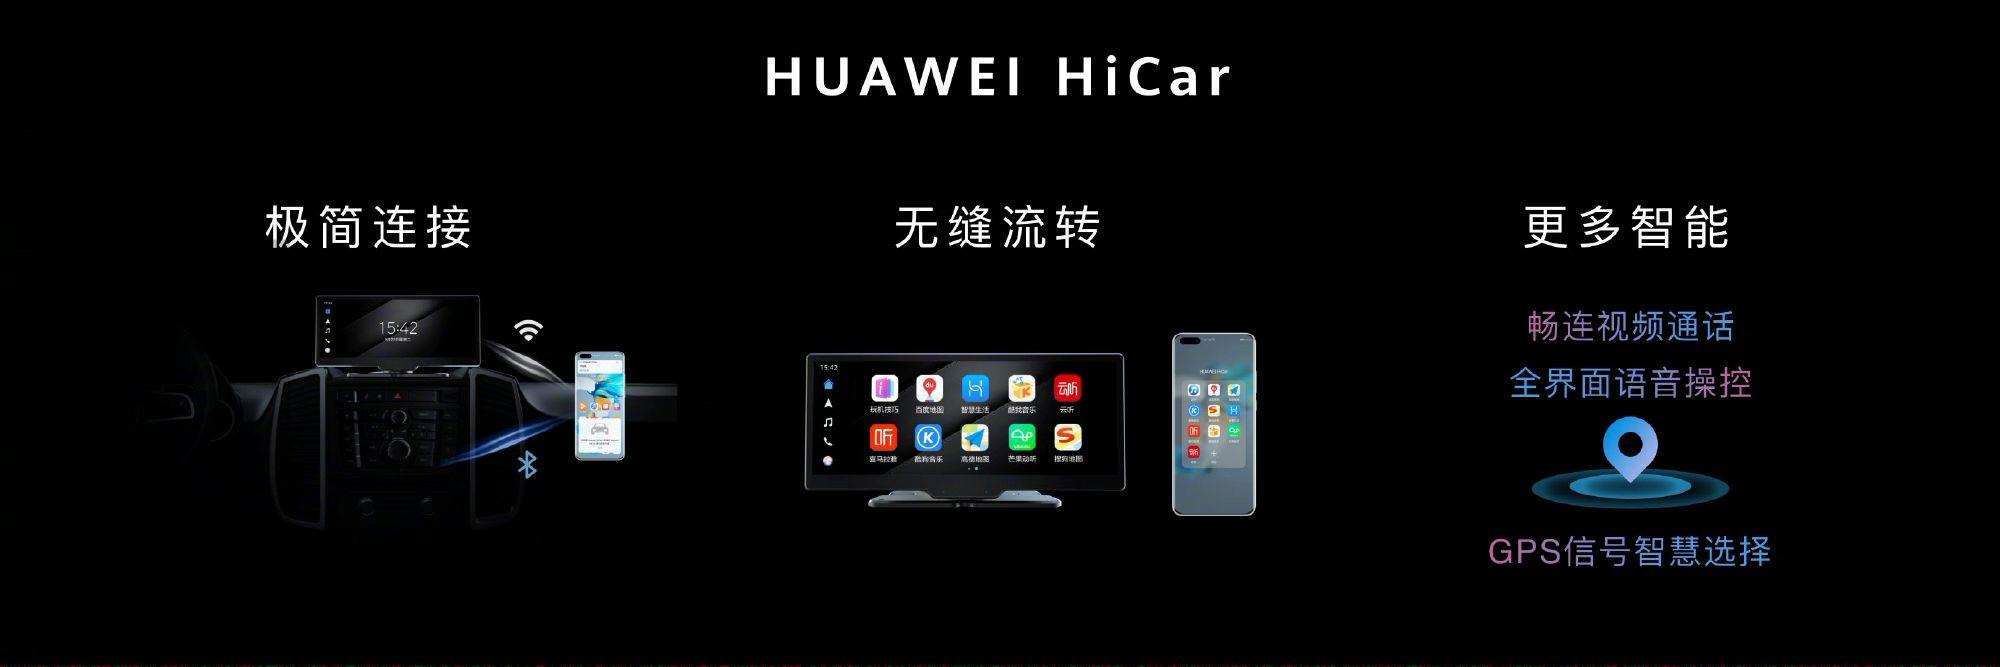 """华为发布智能汽车解决方案新品牌""""HI""""图片"""